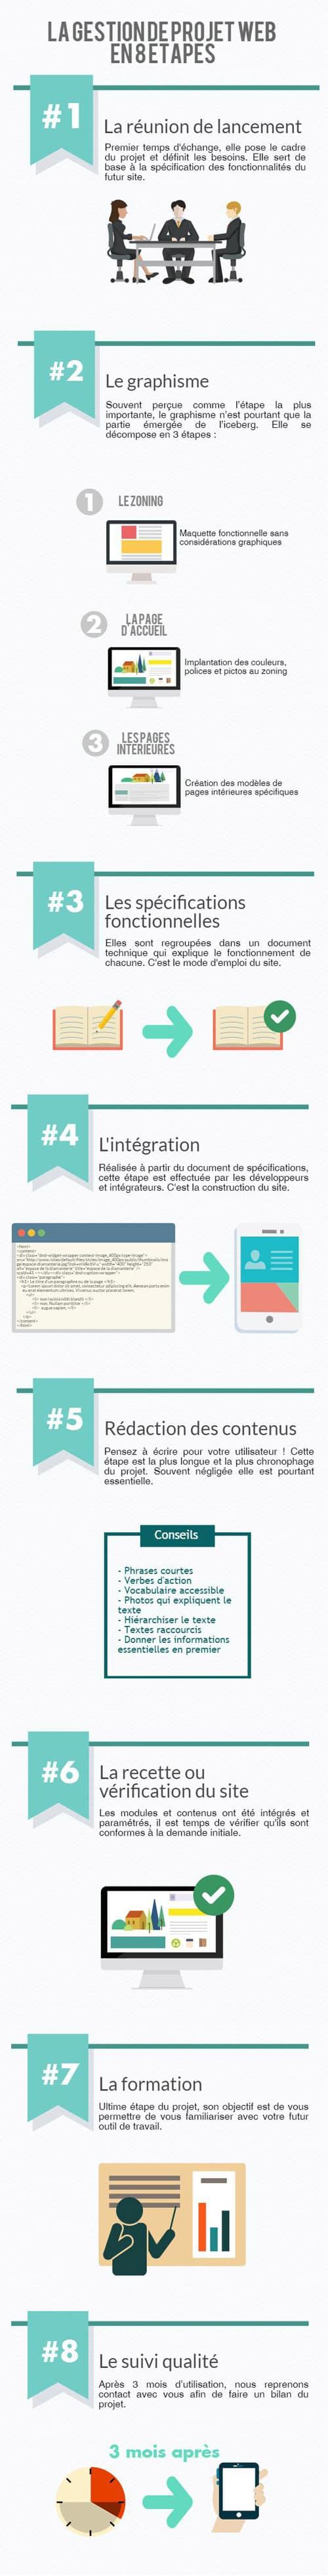 Infographie présentant les étapes de la gestion de projet web chez Com6 interactive